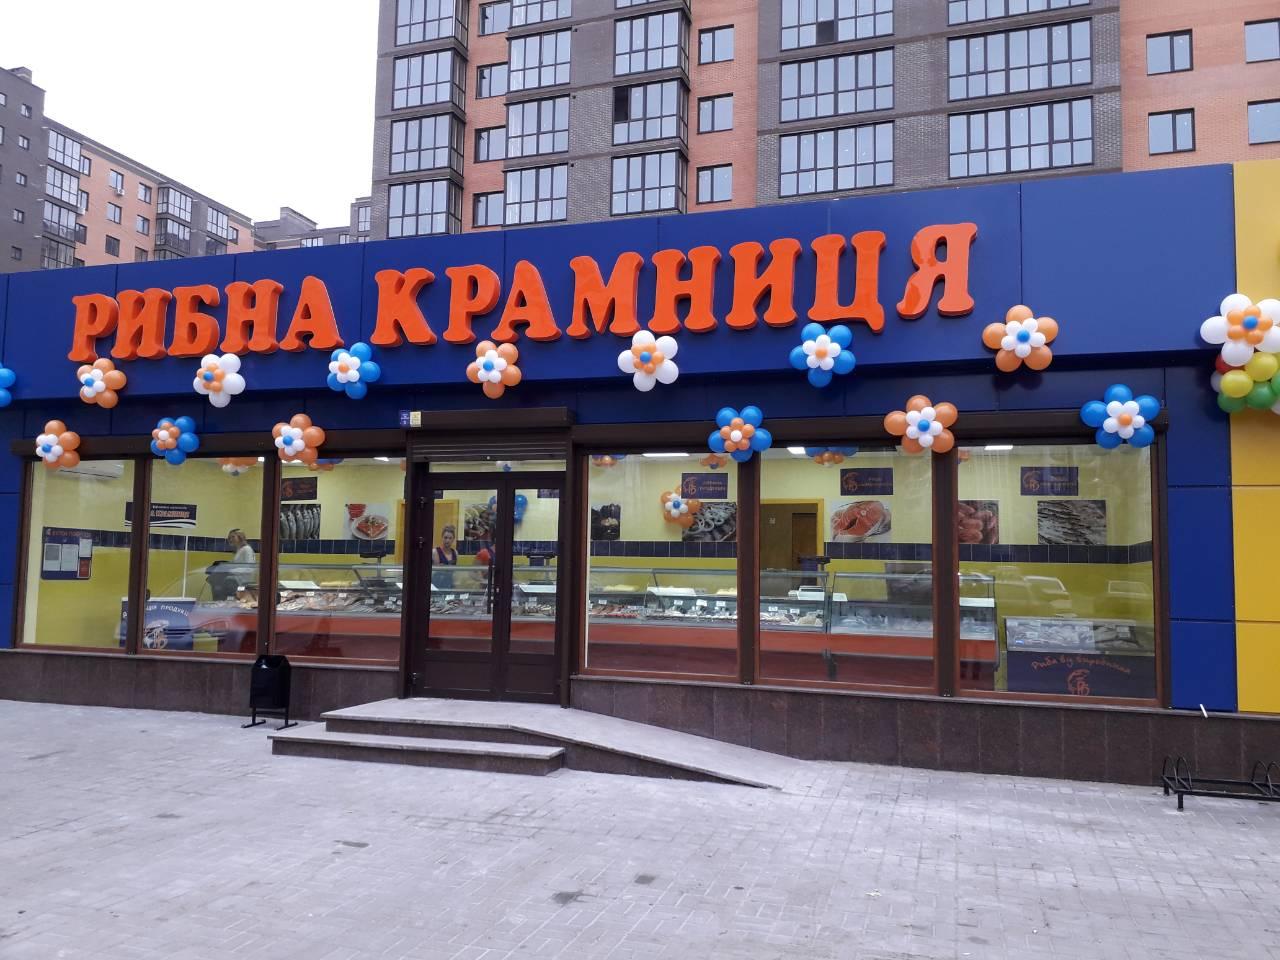 Один из наших магазинов Рибна Крамниця